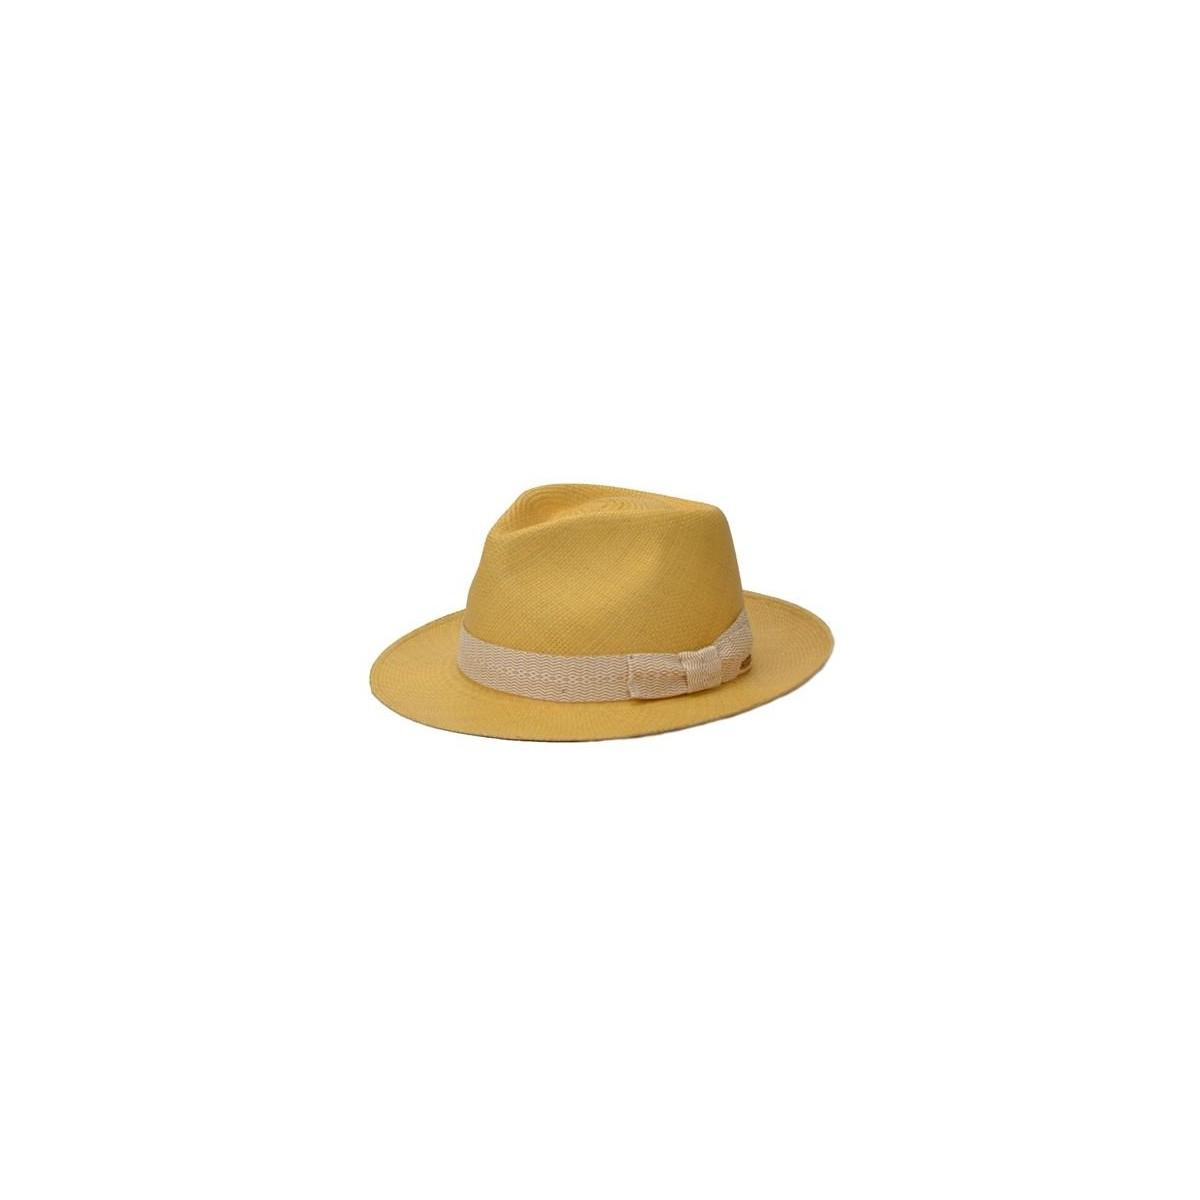 sombrero-hombre-panama-gelise-paja-toquilla-ambar-Fernandez-y-Roche